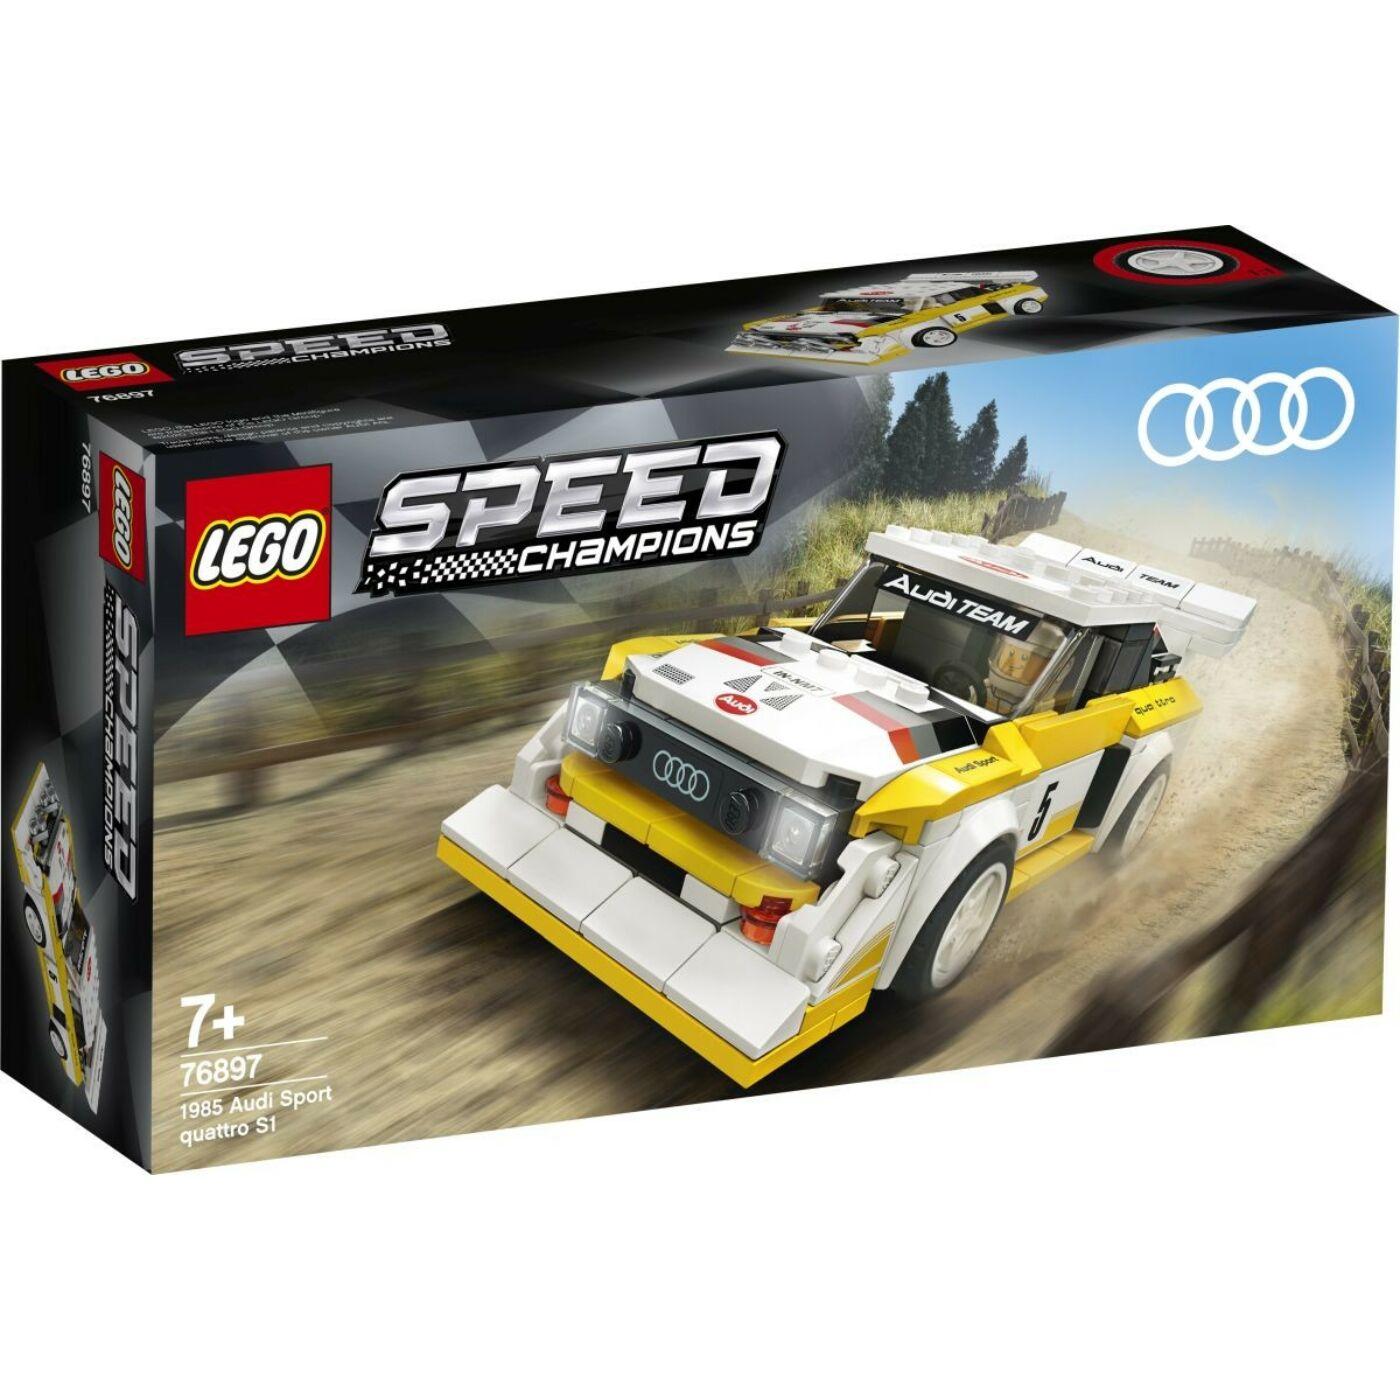 Lego Speed Champions Audi Sport Quattro S1